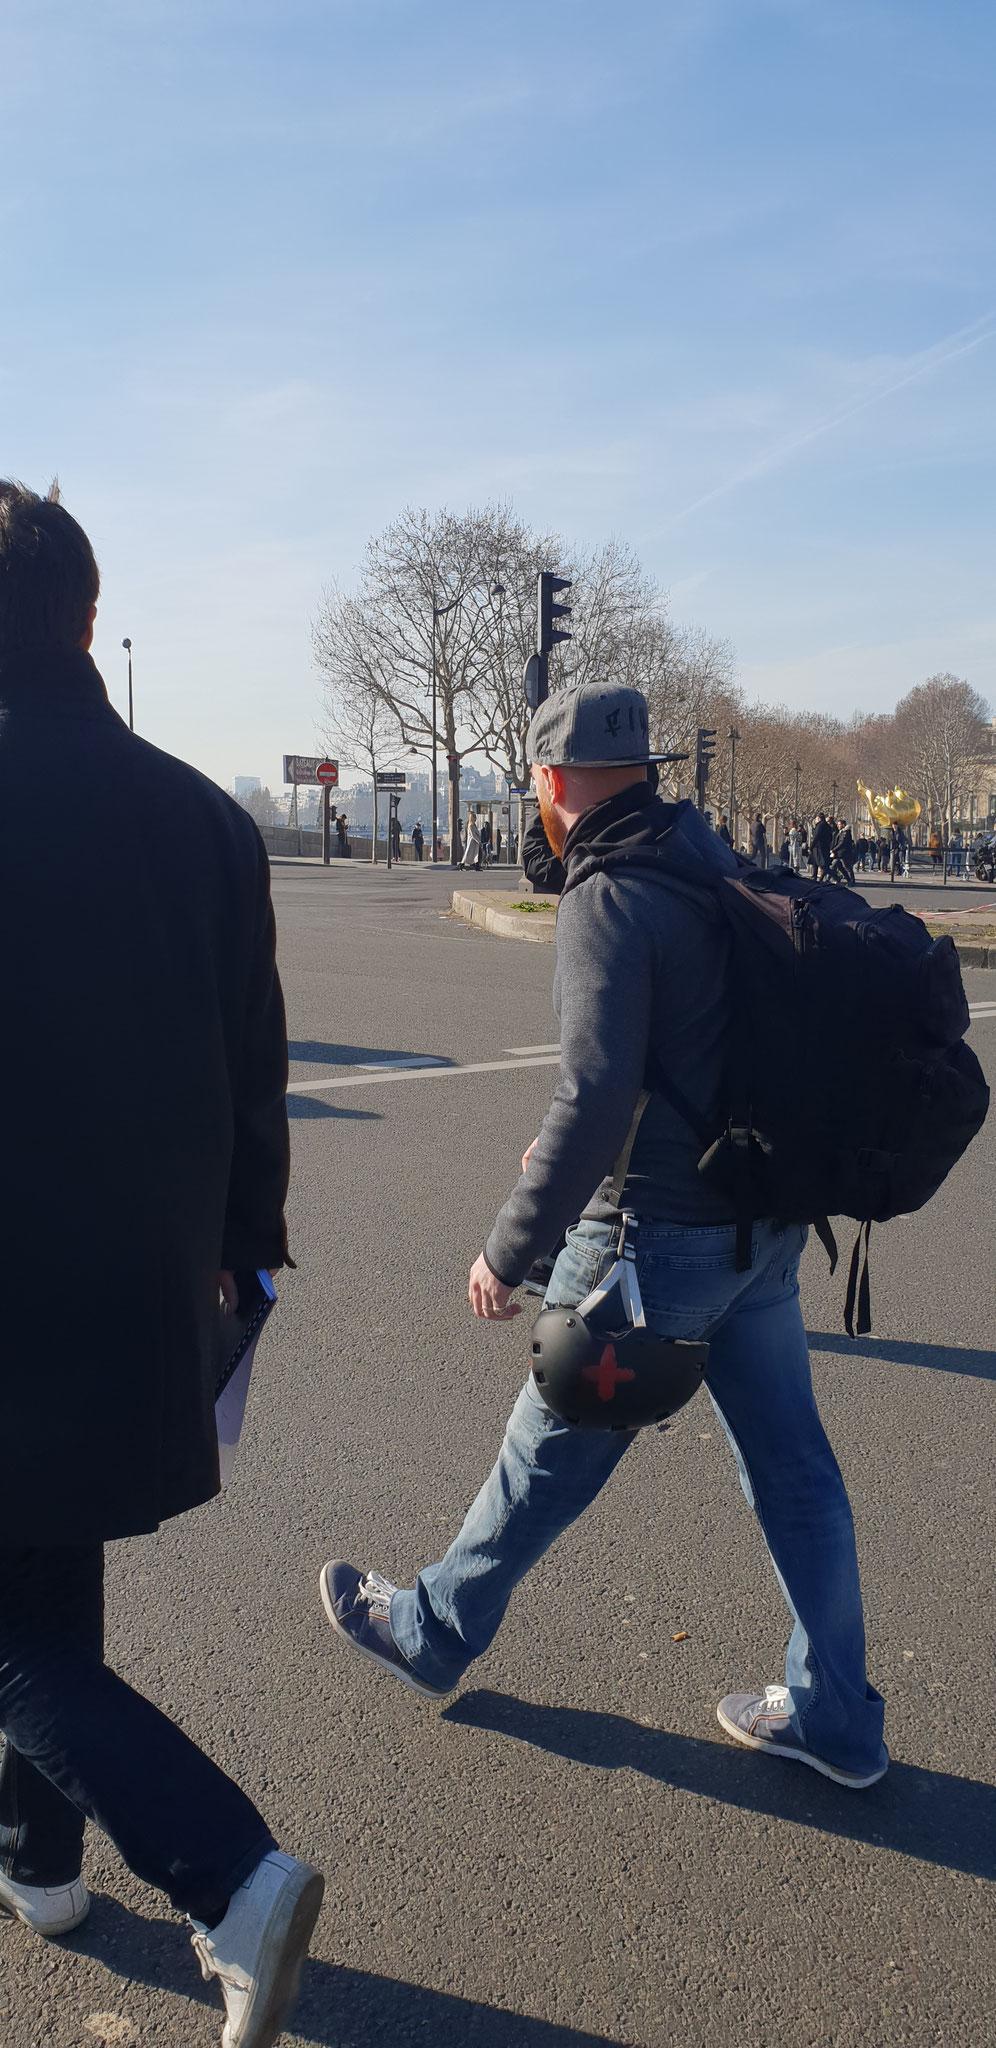 Acte 16 Le 16 Décembre 2019 je me rends à Paris pour y rencontrer des Journalistes www.jesuispatrick.com